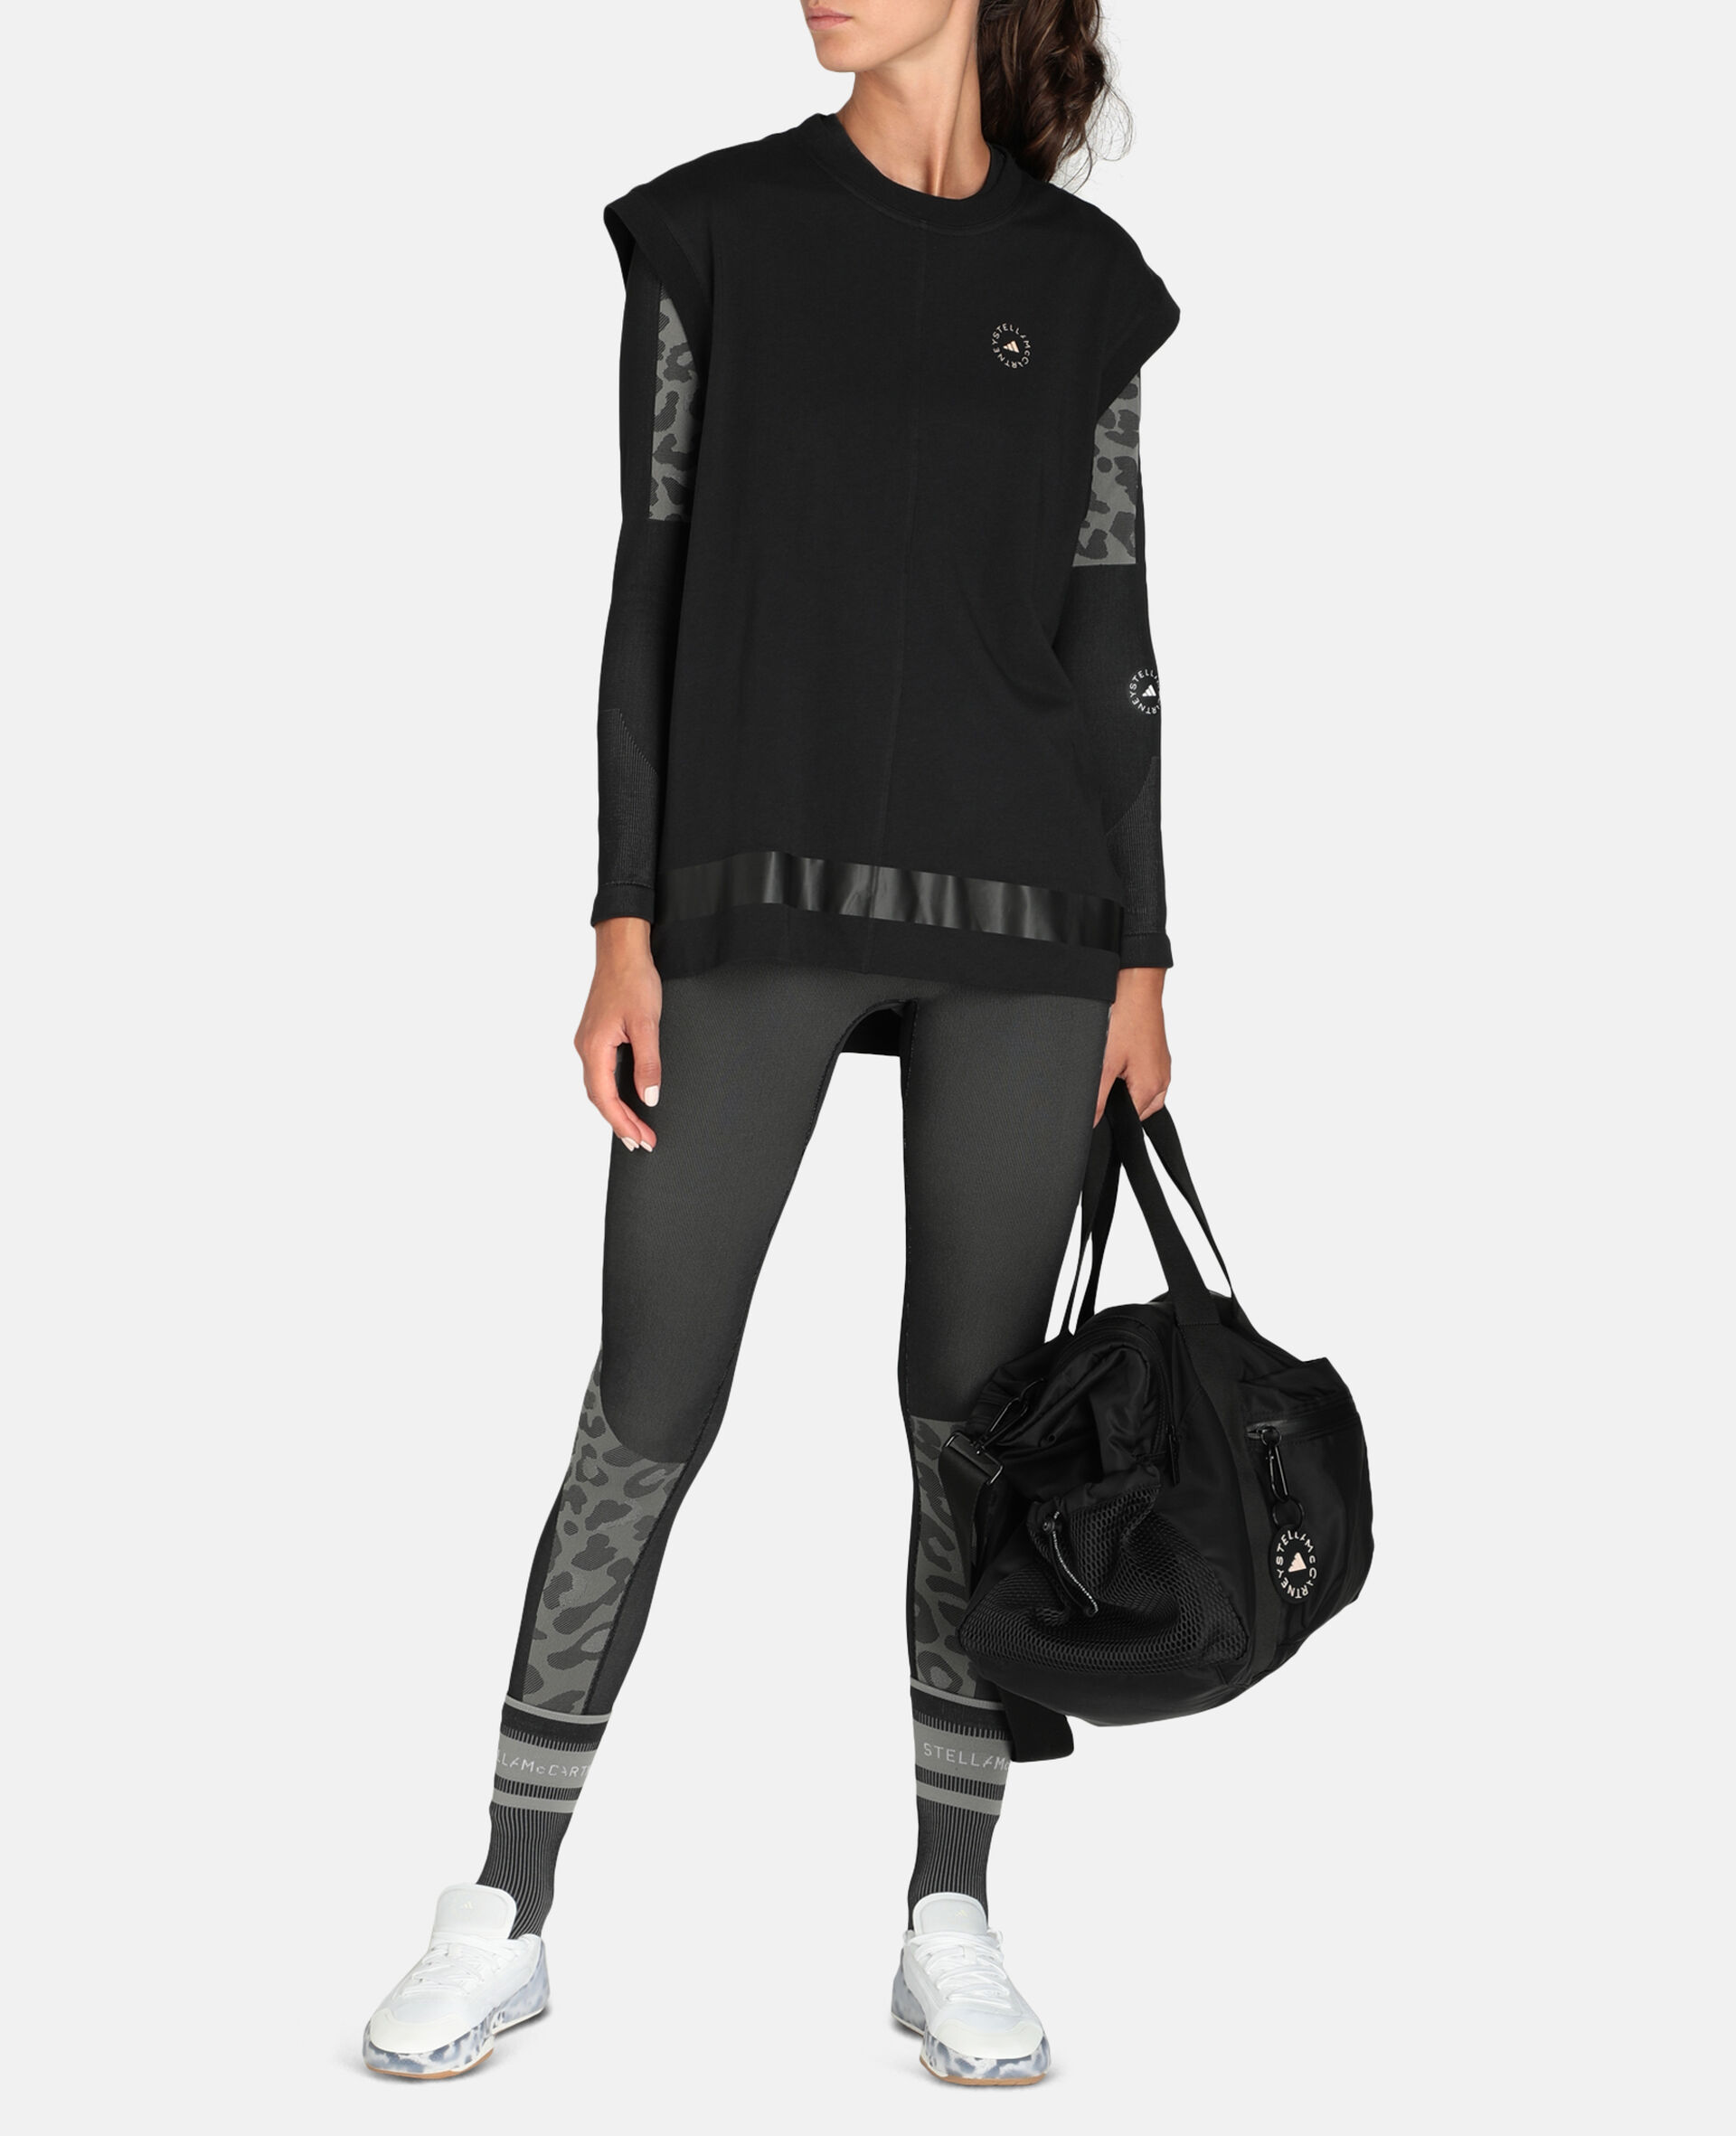 Black Training Vest-Black-large image number 1